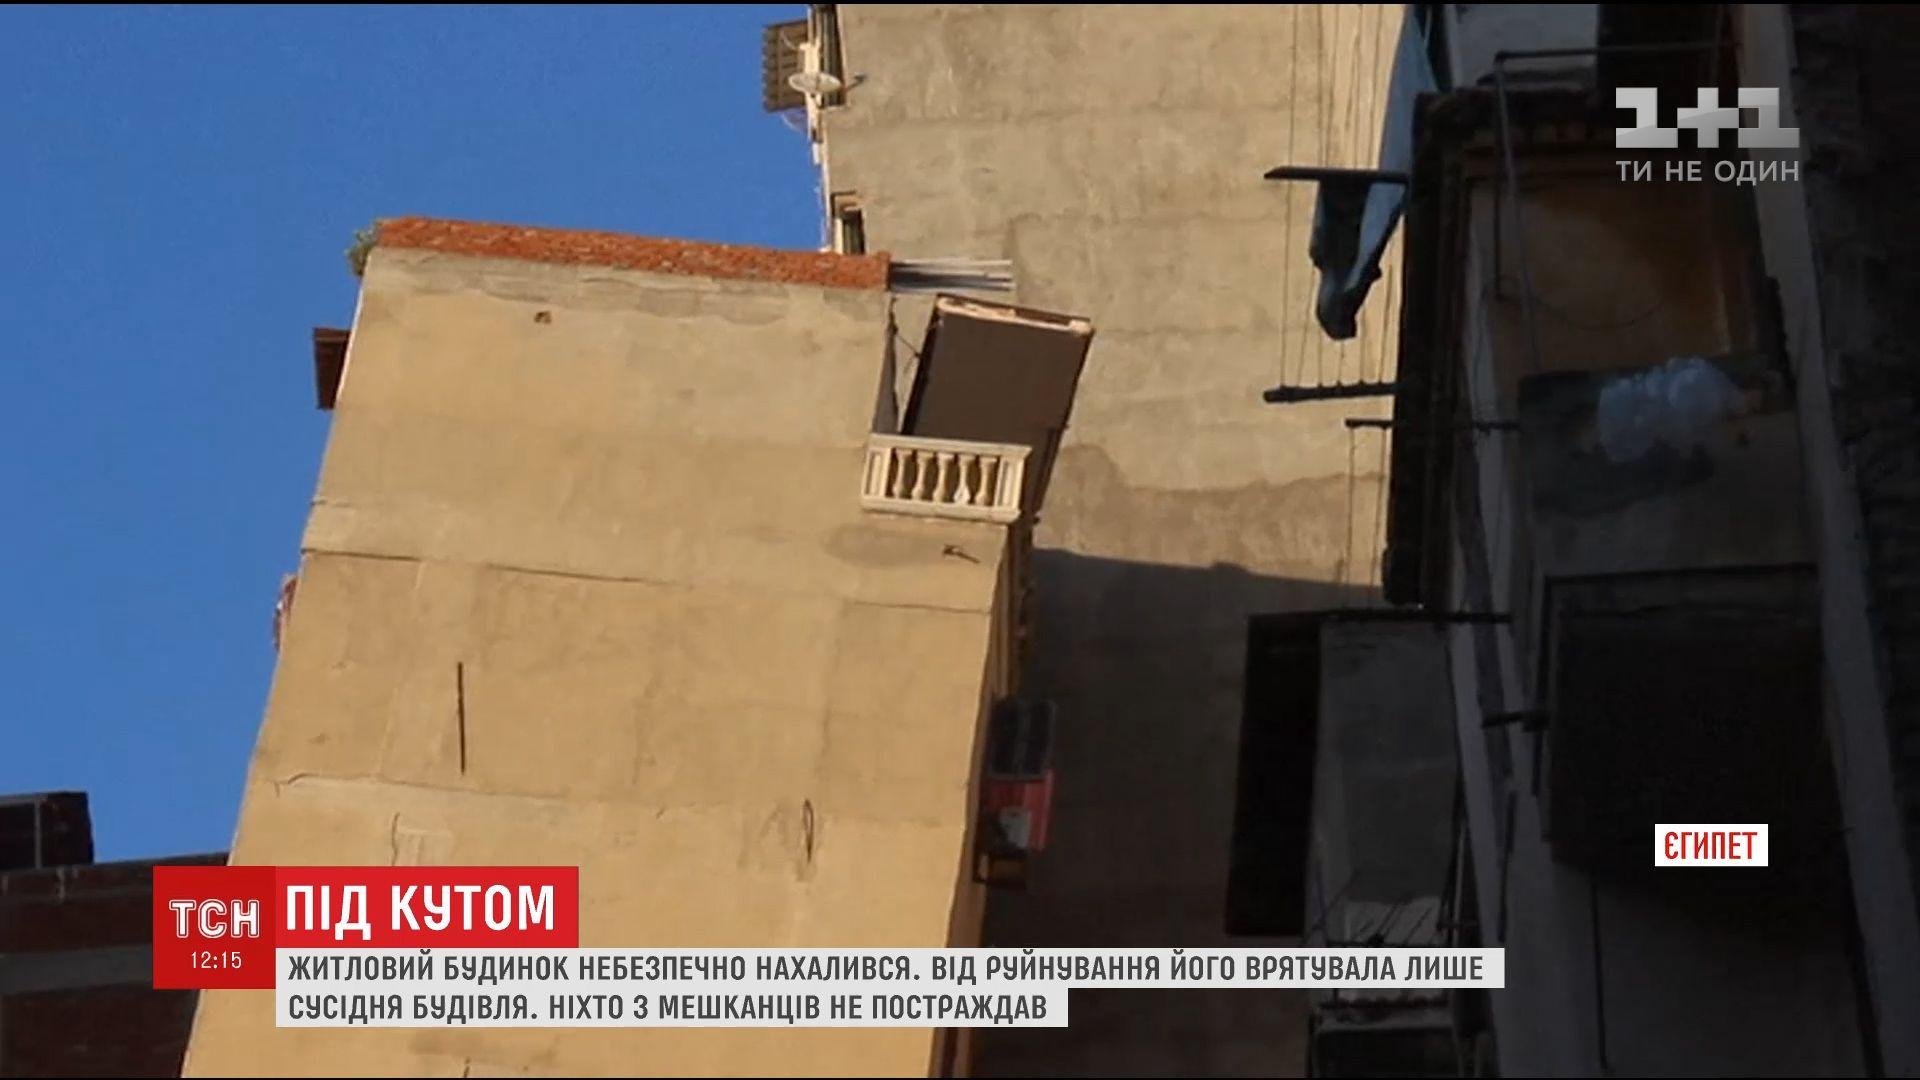 Жилой дом в Египте от разрушения спасло соседнее здание /